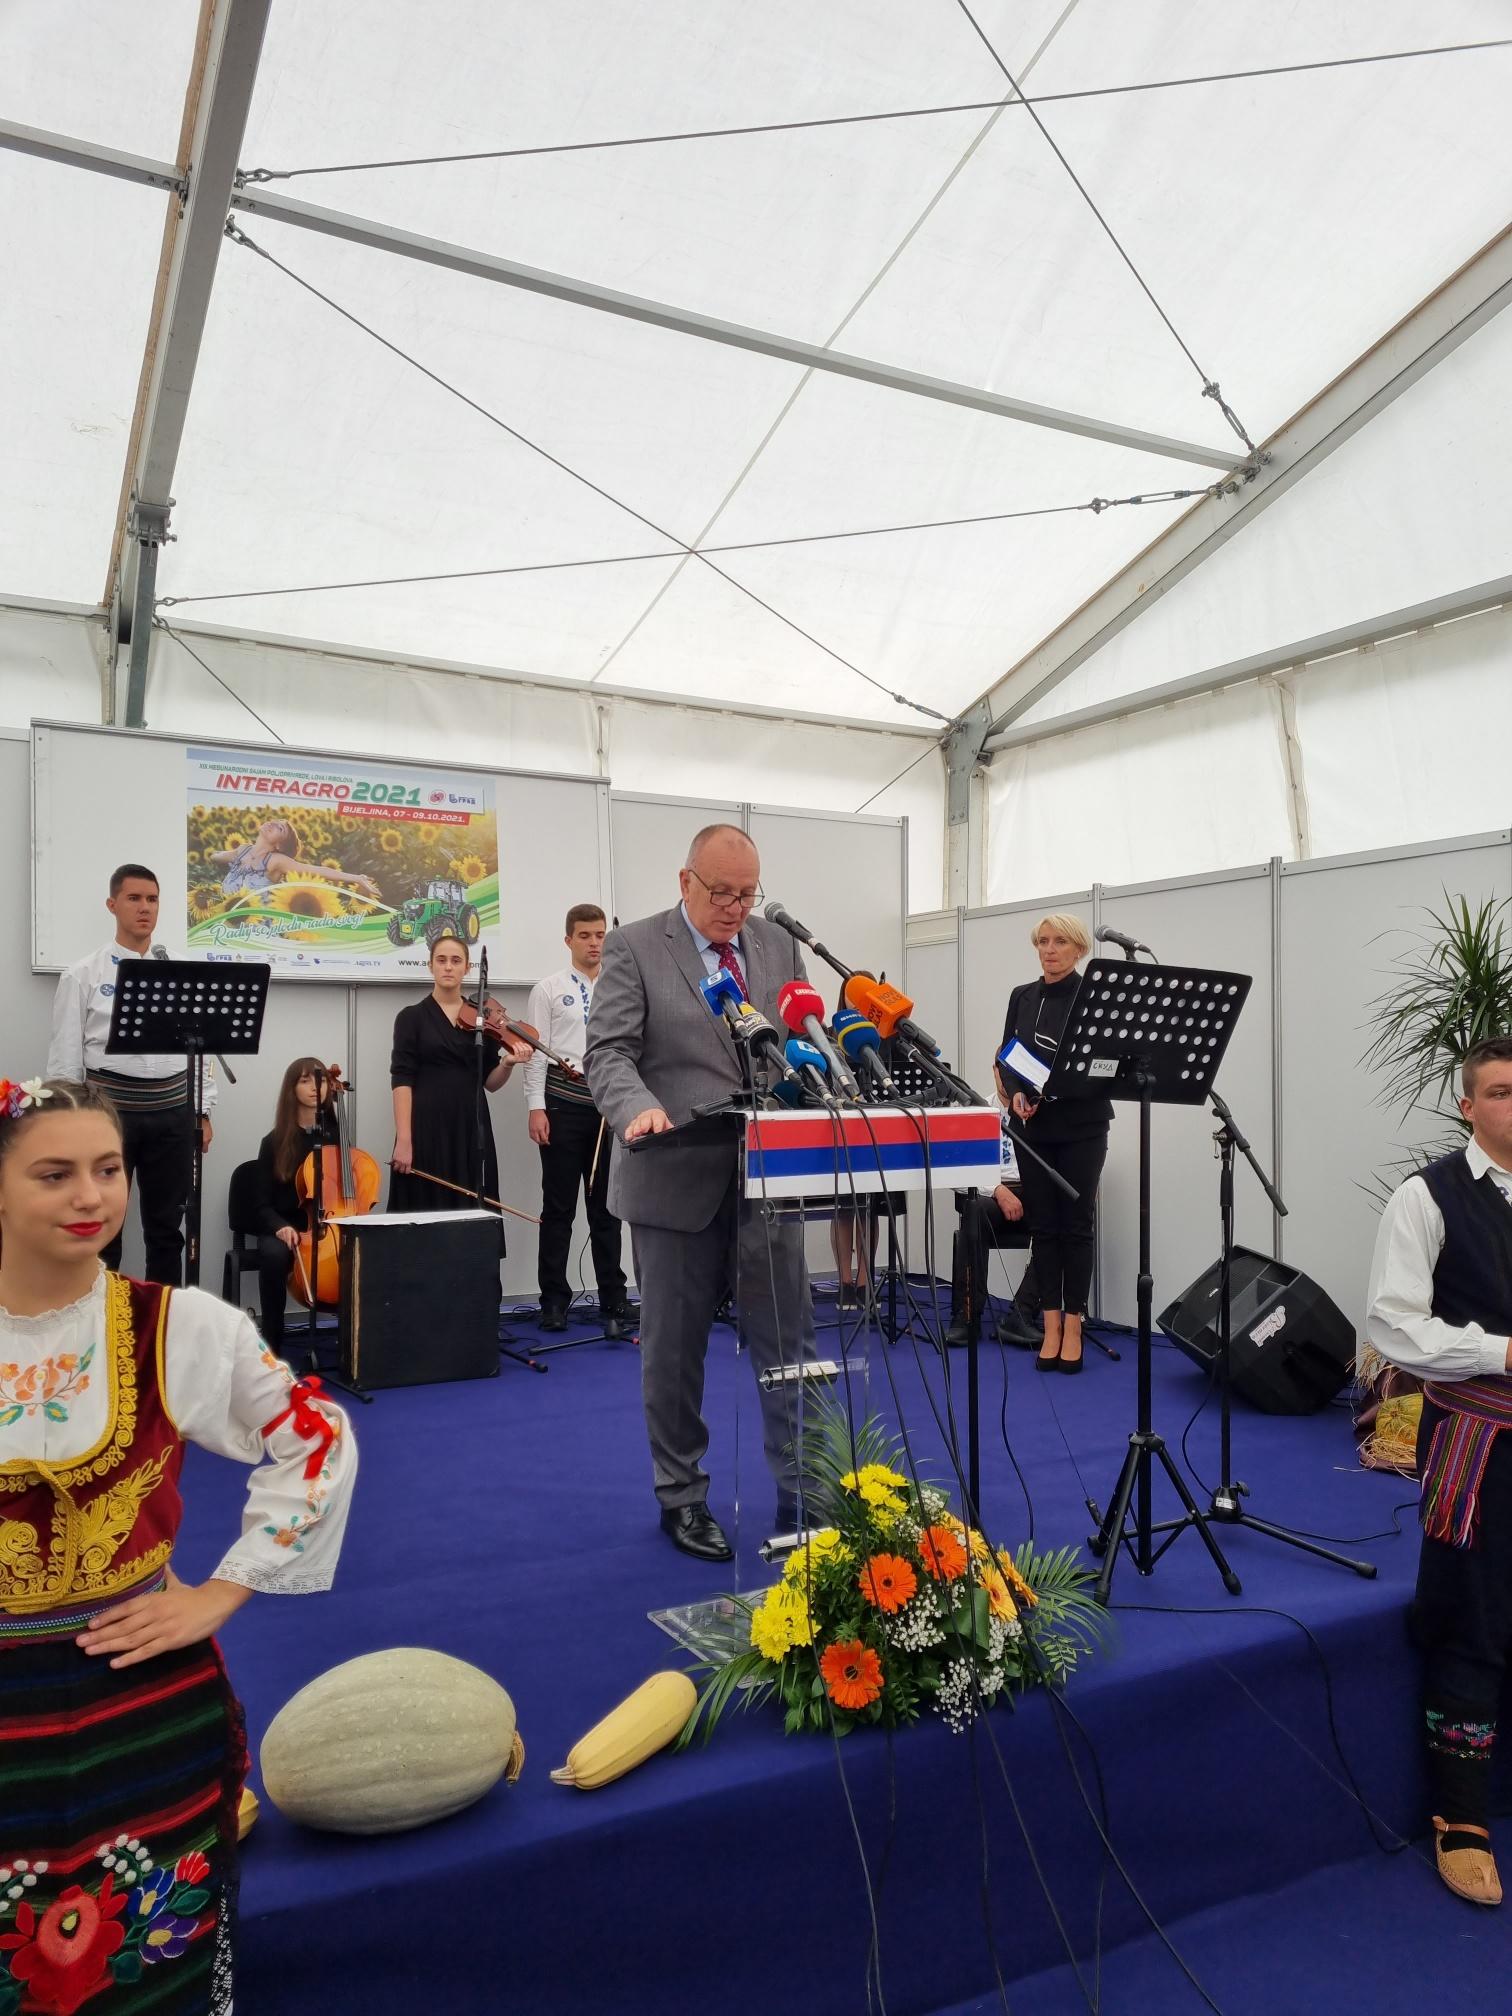 """Успешно представљање војвођанске привреде и Привредне коморе Војводине на пољопривредном сајму """" Интерагро"""" у Бијељини"""